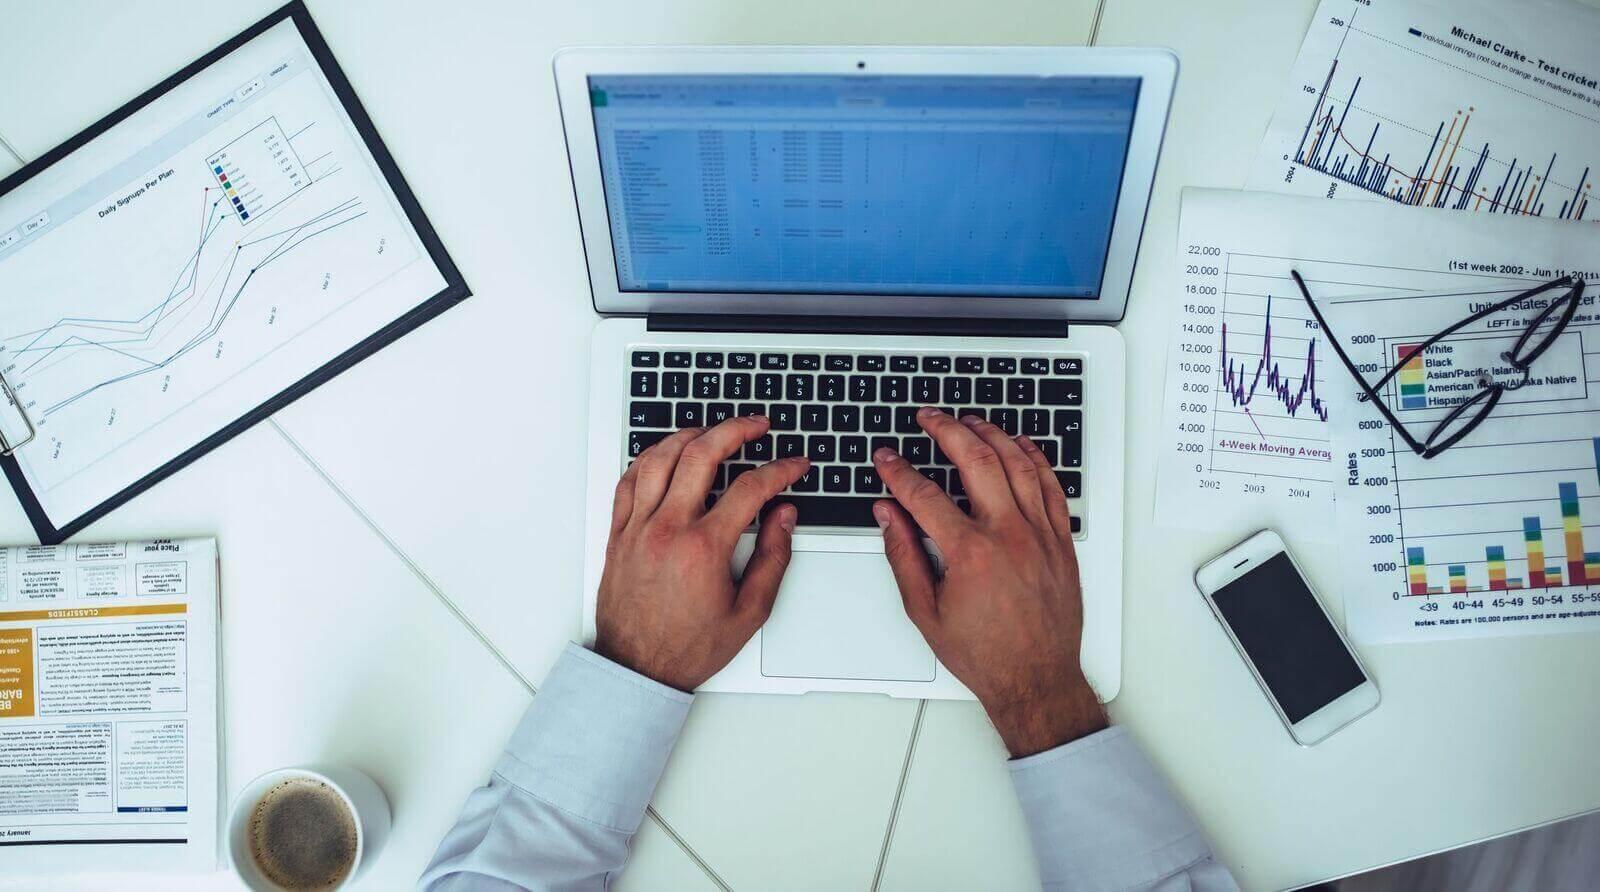 Por que não usar o Excel como Ferramenta de Gestão?